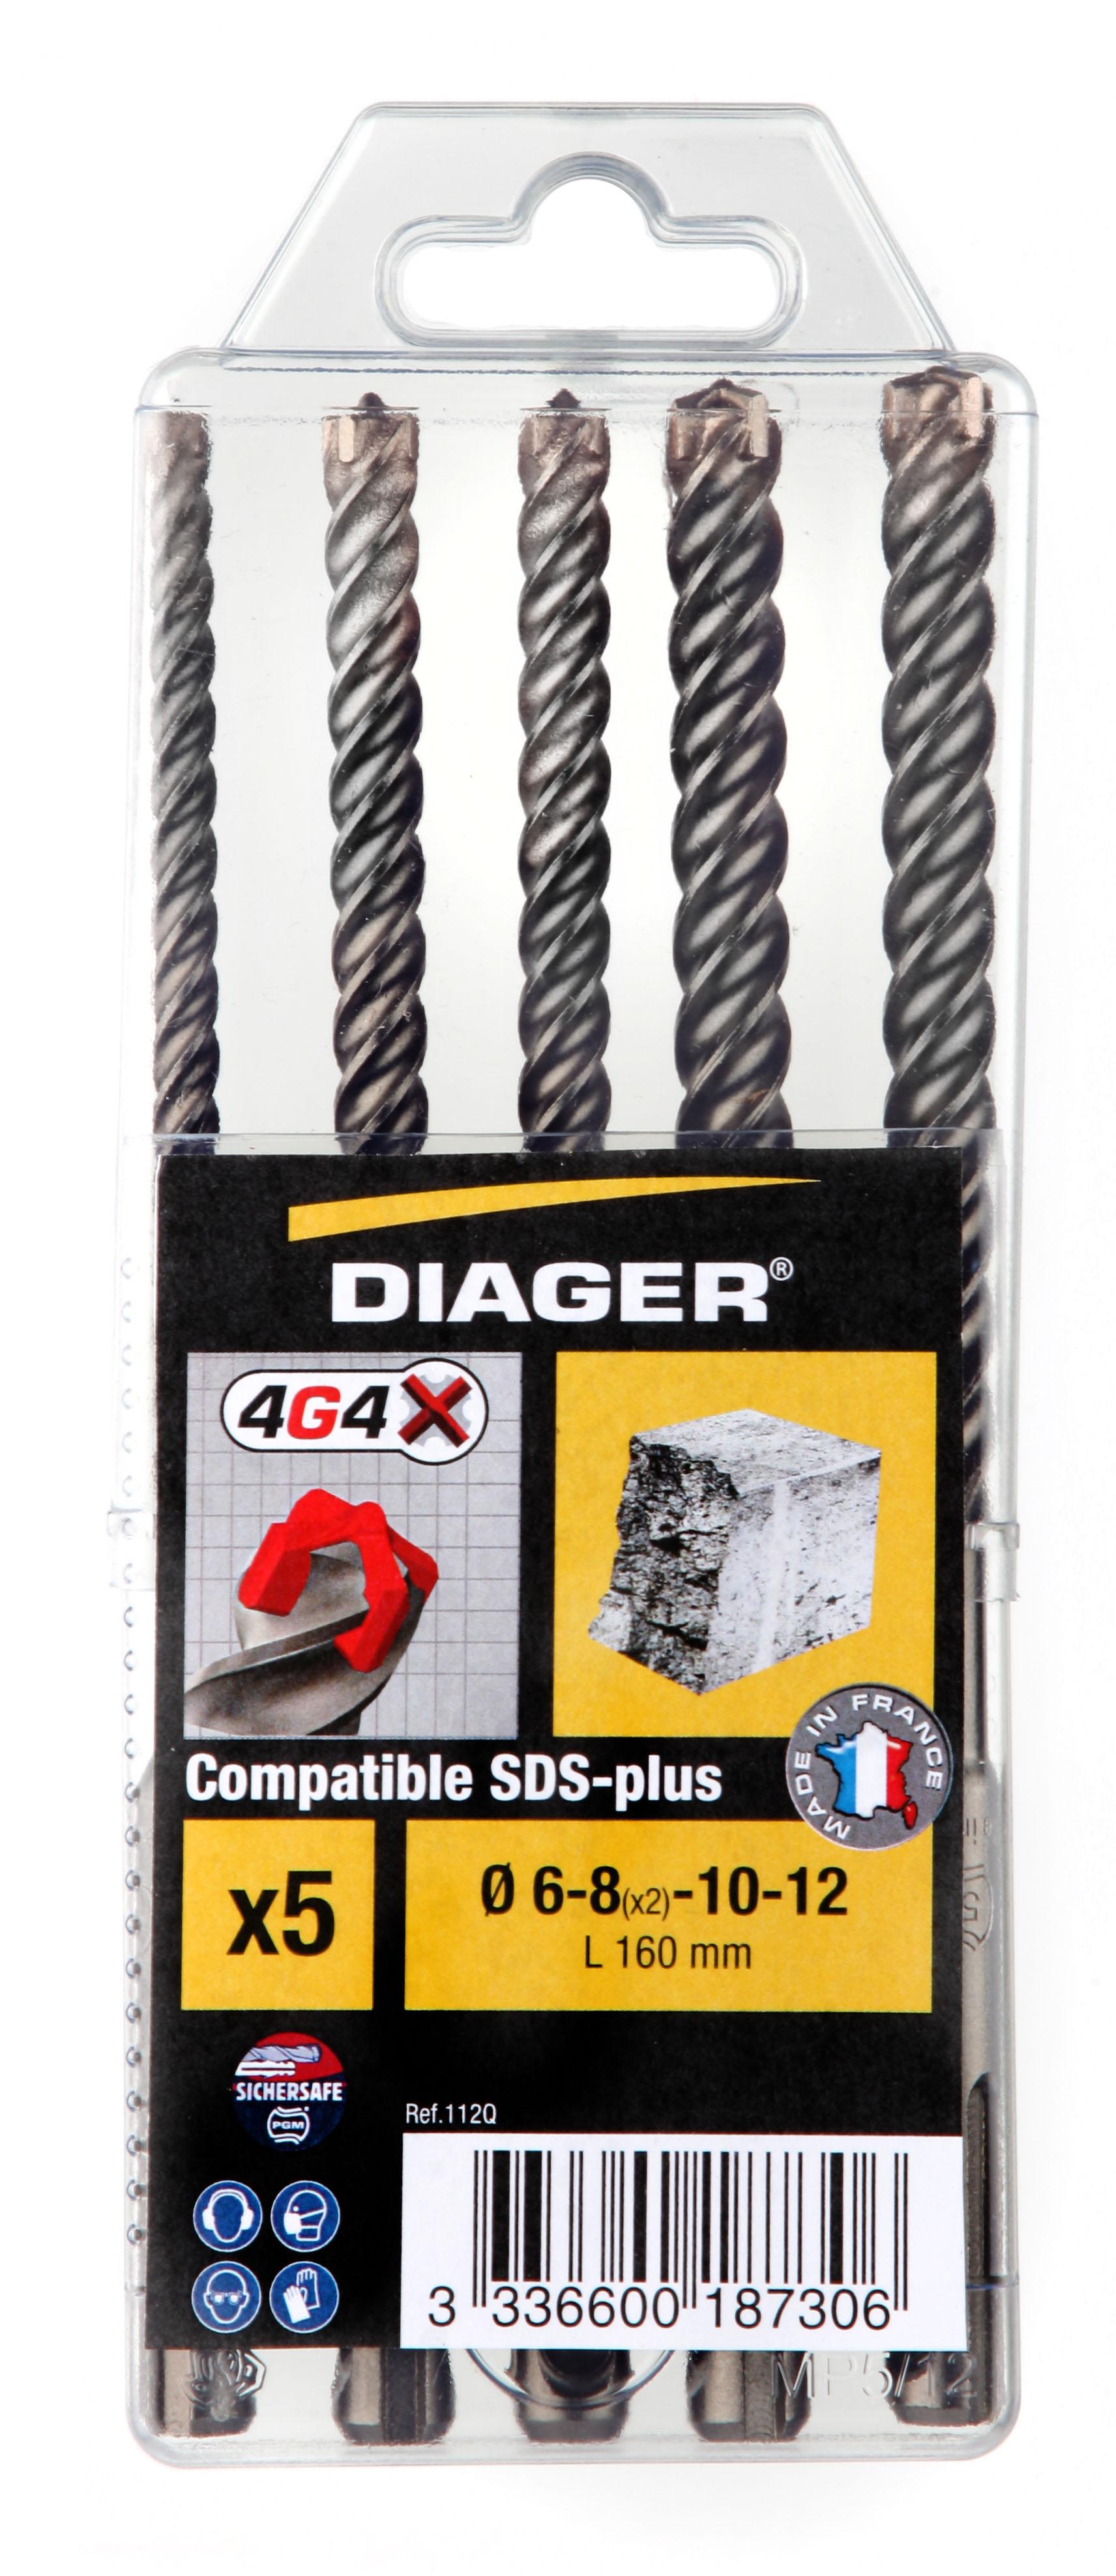 Perçage Foret 4G4 Coffret plast. 5pcs 4G4 L160mm Ø 6-8(x2)-10-12 mm - 112Q.jpg